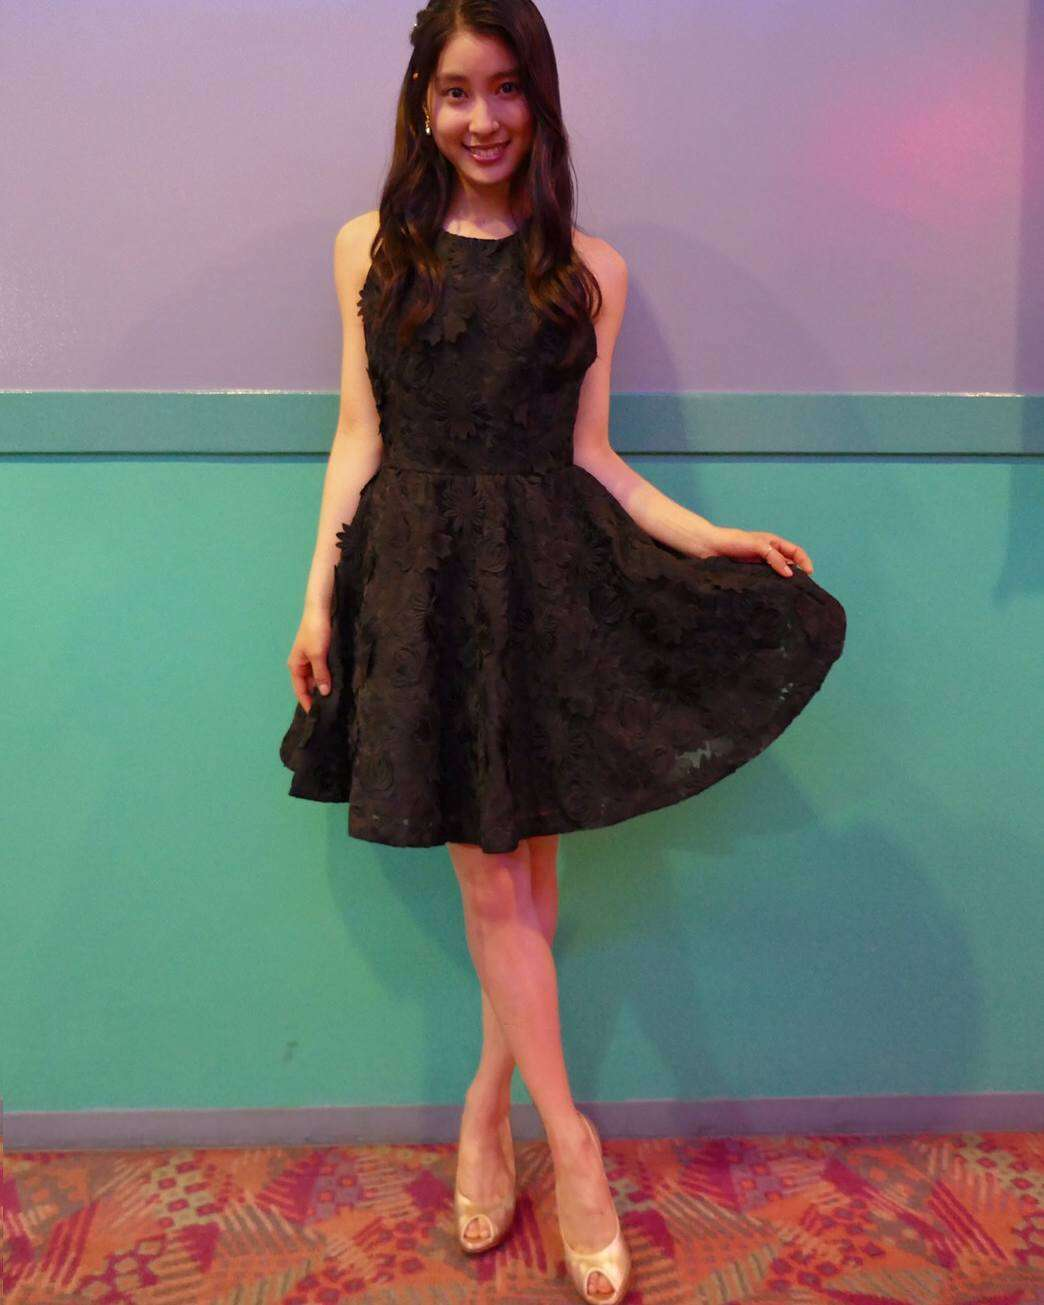 土屋太鳳、背中&美脚あらわな黒ミニドレス姿に「美しすぎる」の声 衣装への熱いこだわりも